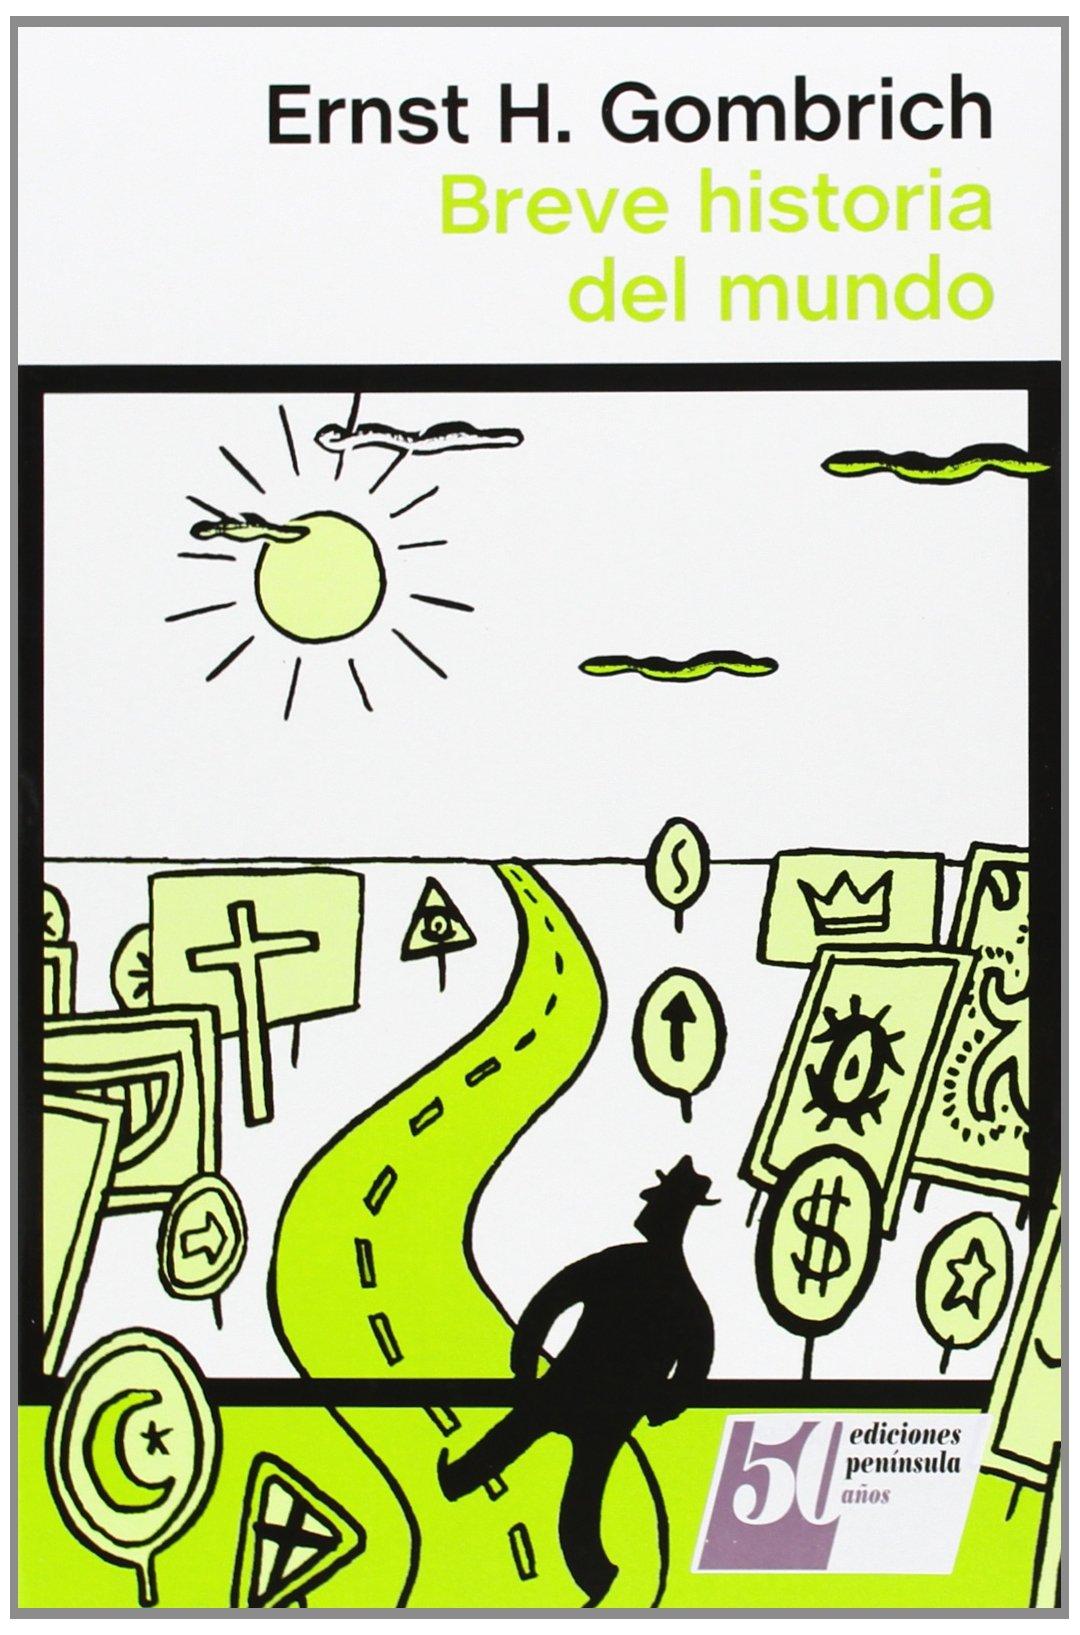 Breve historia del mundo (ATALAYA): Amazon.es: Gombrich, Ernst H., Gil Aristu, José Luis: Libros